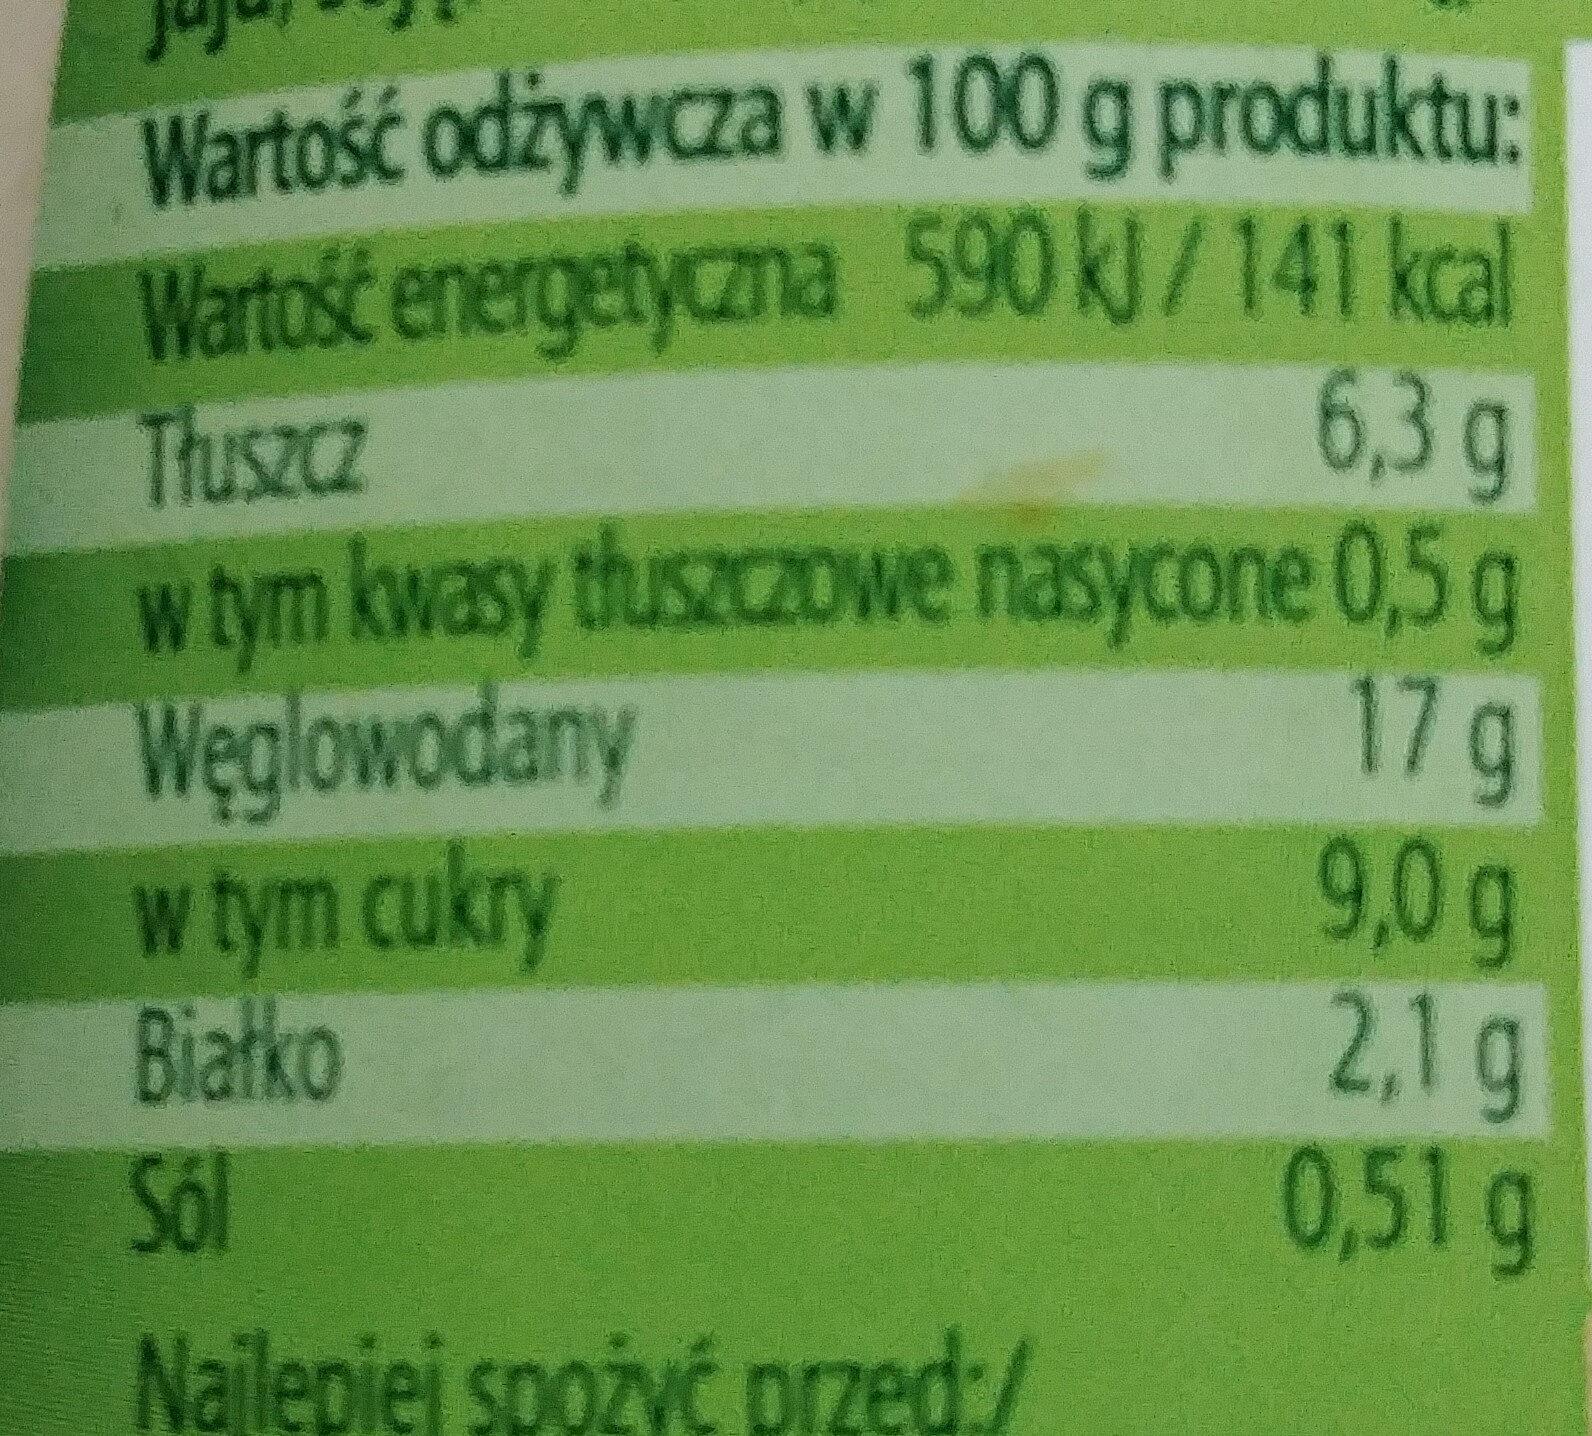 Chrzan tarty - Wartości odżywcze - pl